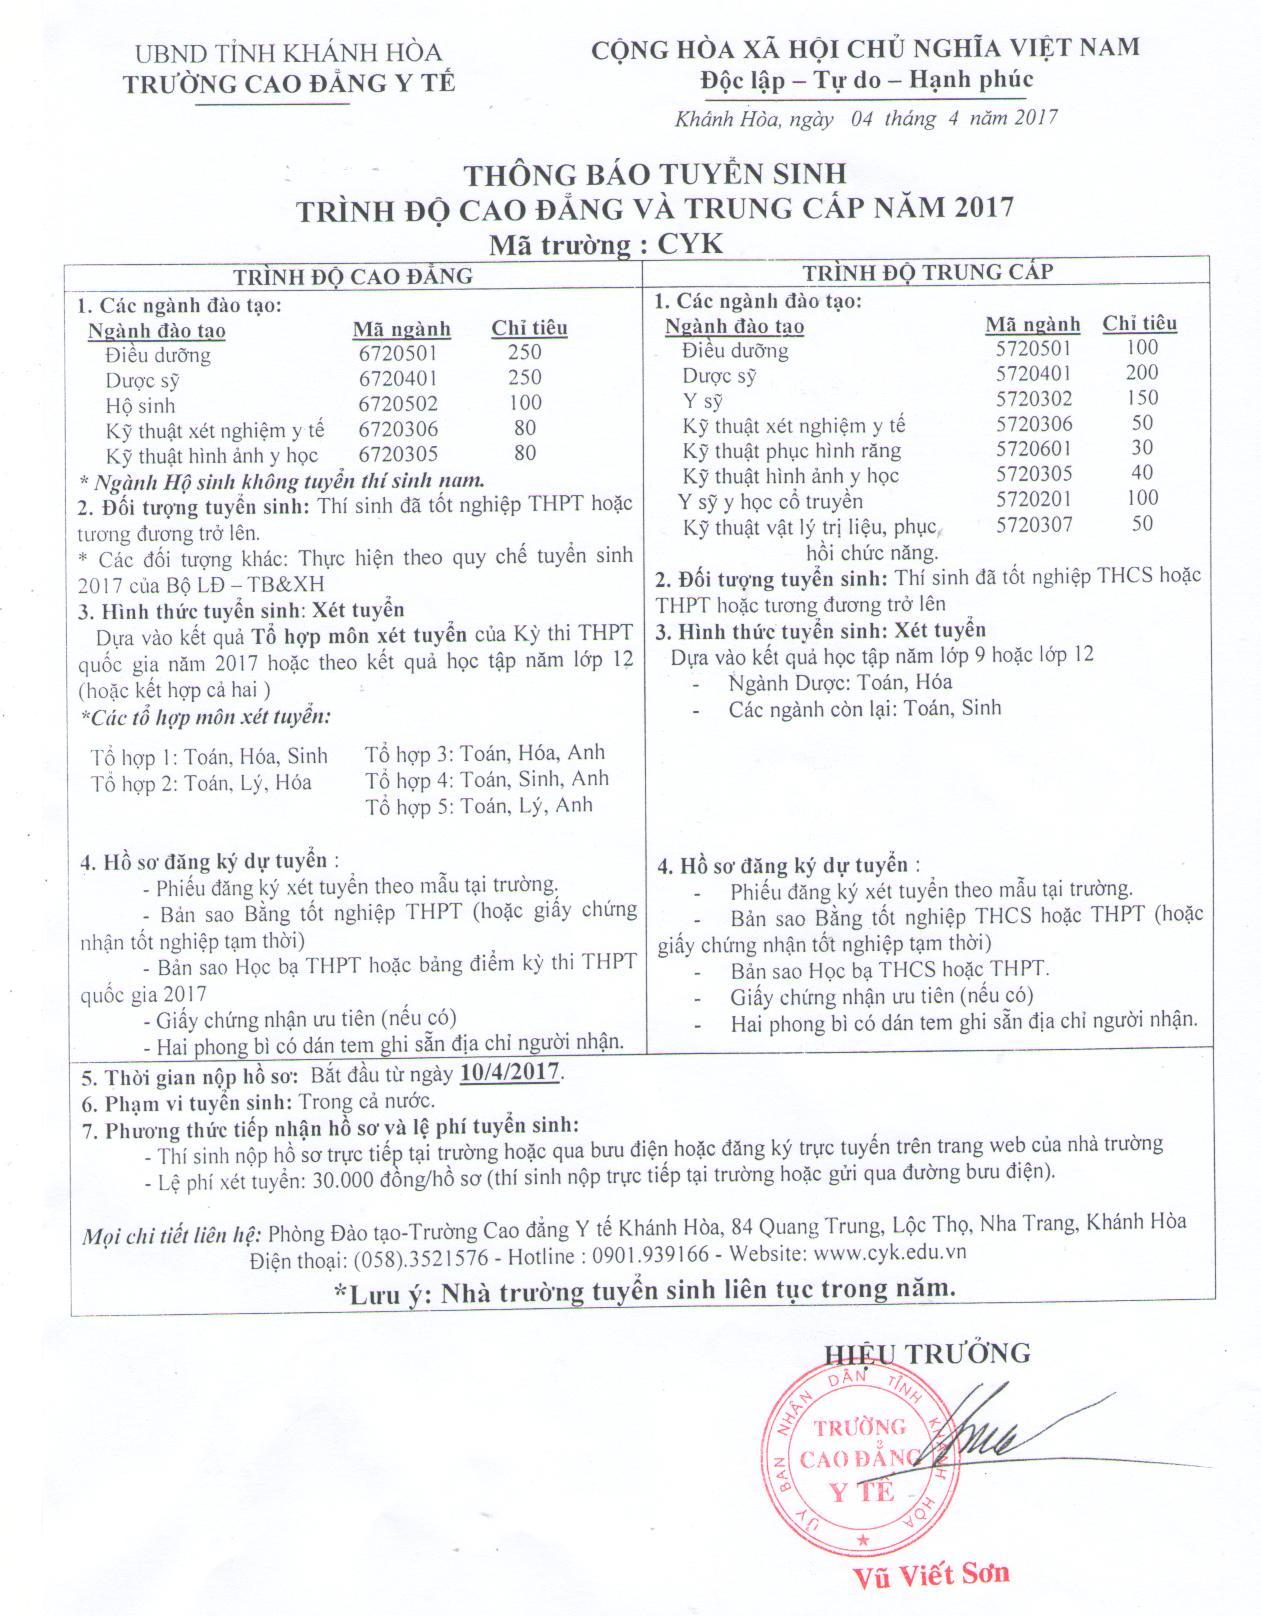 Trường Cao đẳng Y tế Khánh Hòa tuyển sinh 2017